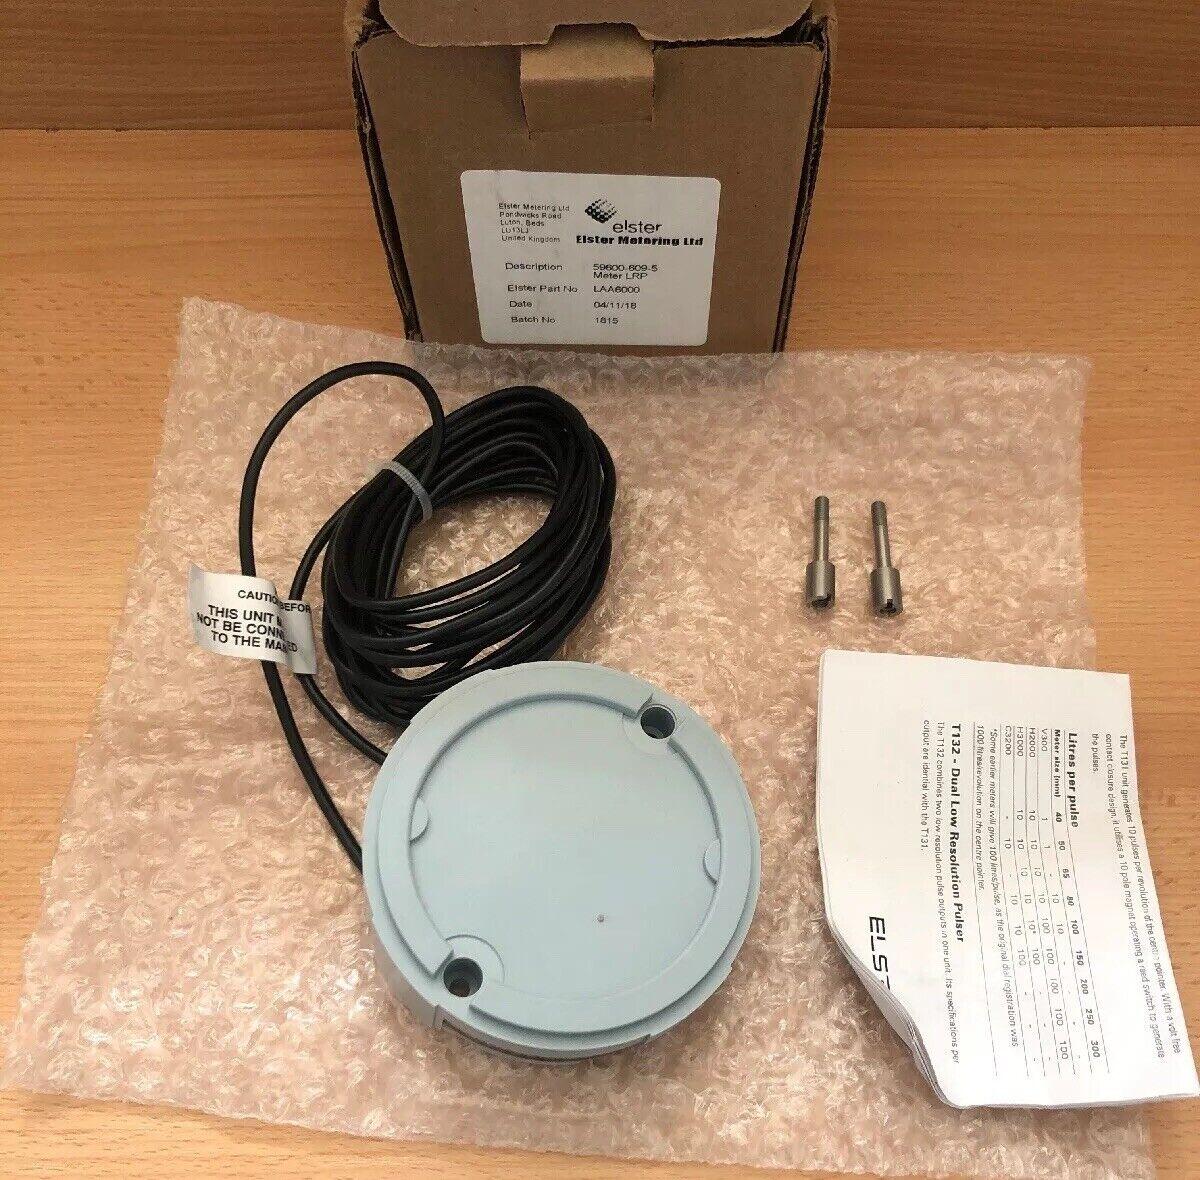 Kent T131 LRP unidad de pulso-h3000 Laa6000 Elster